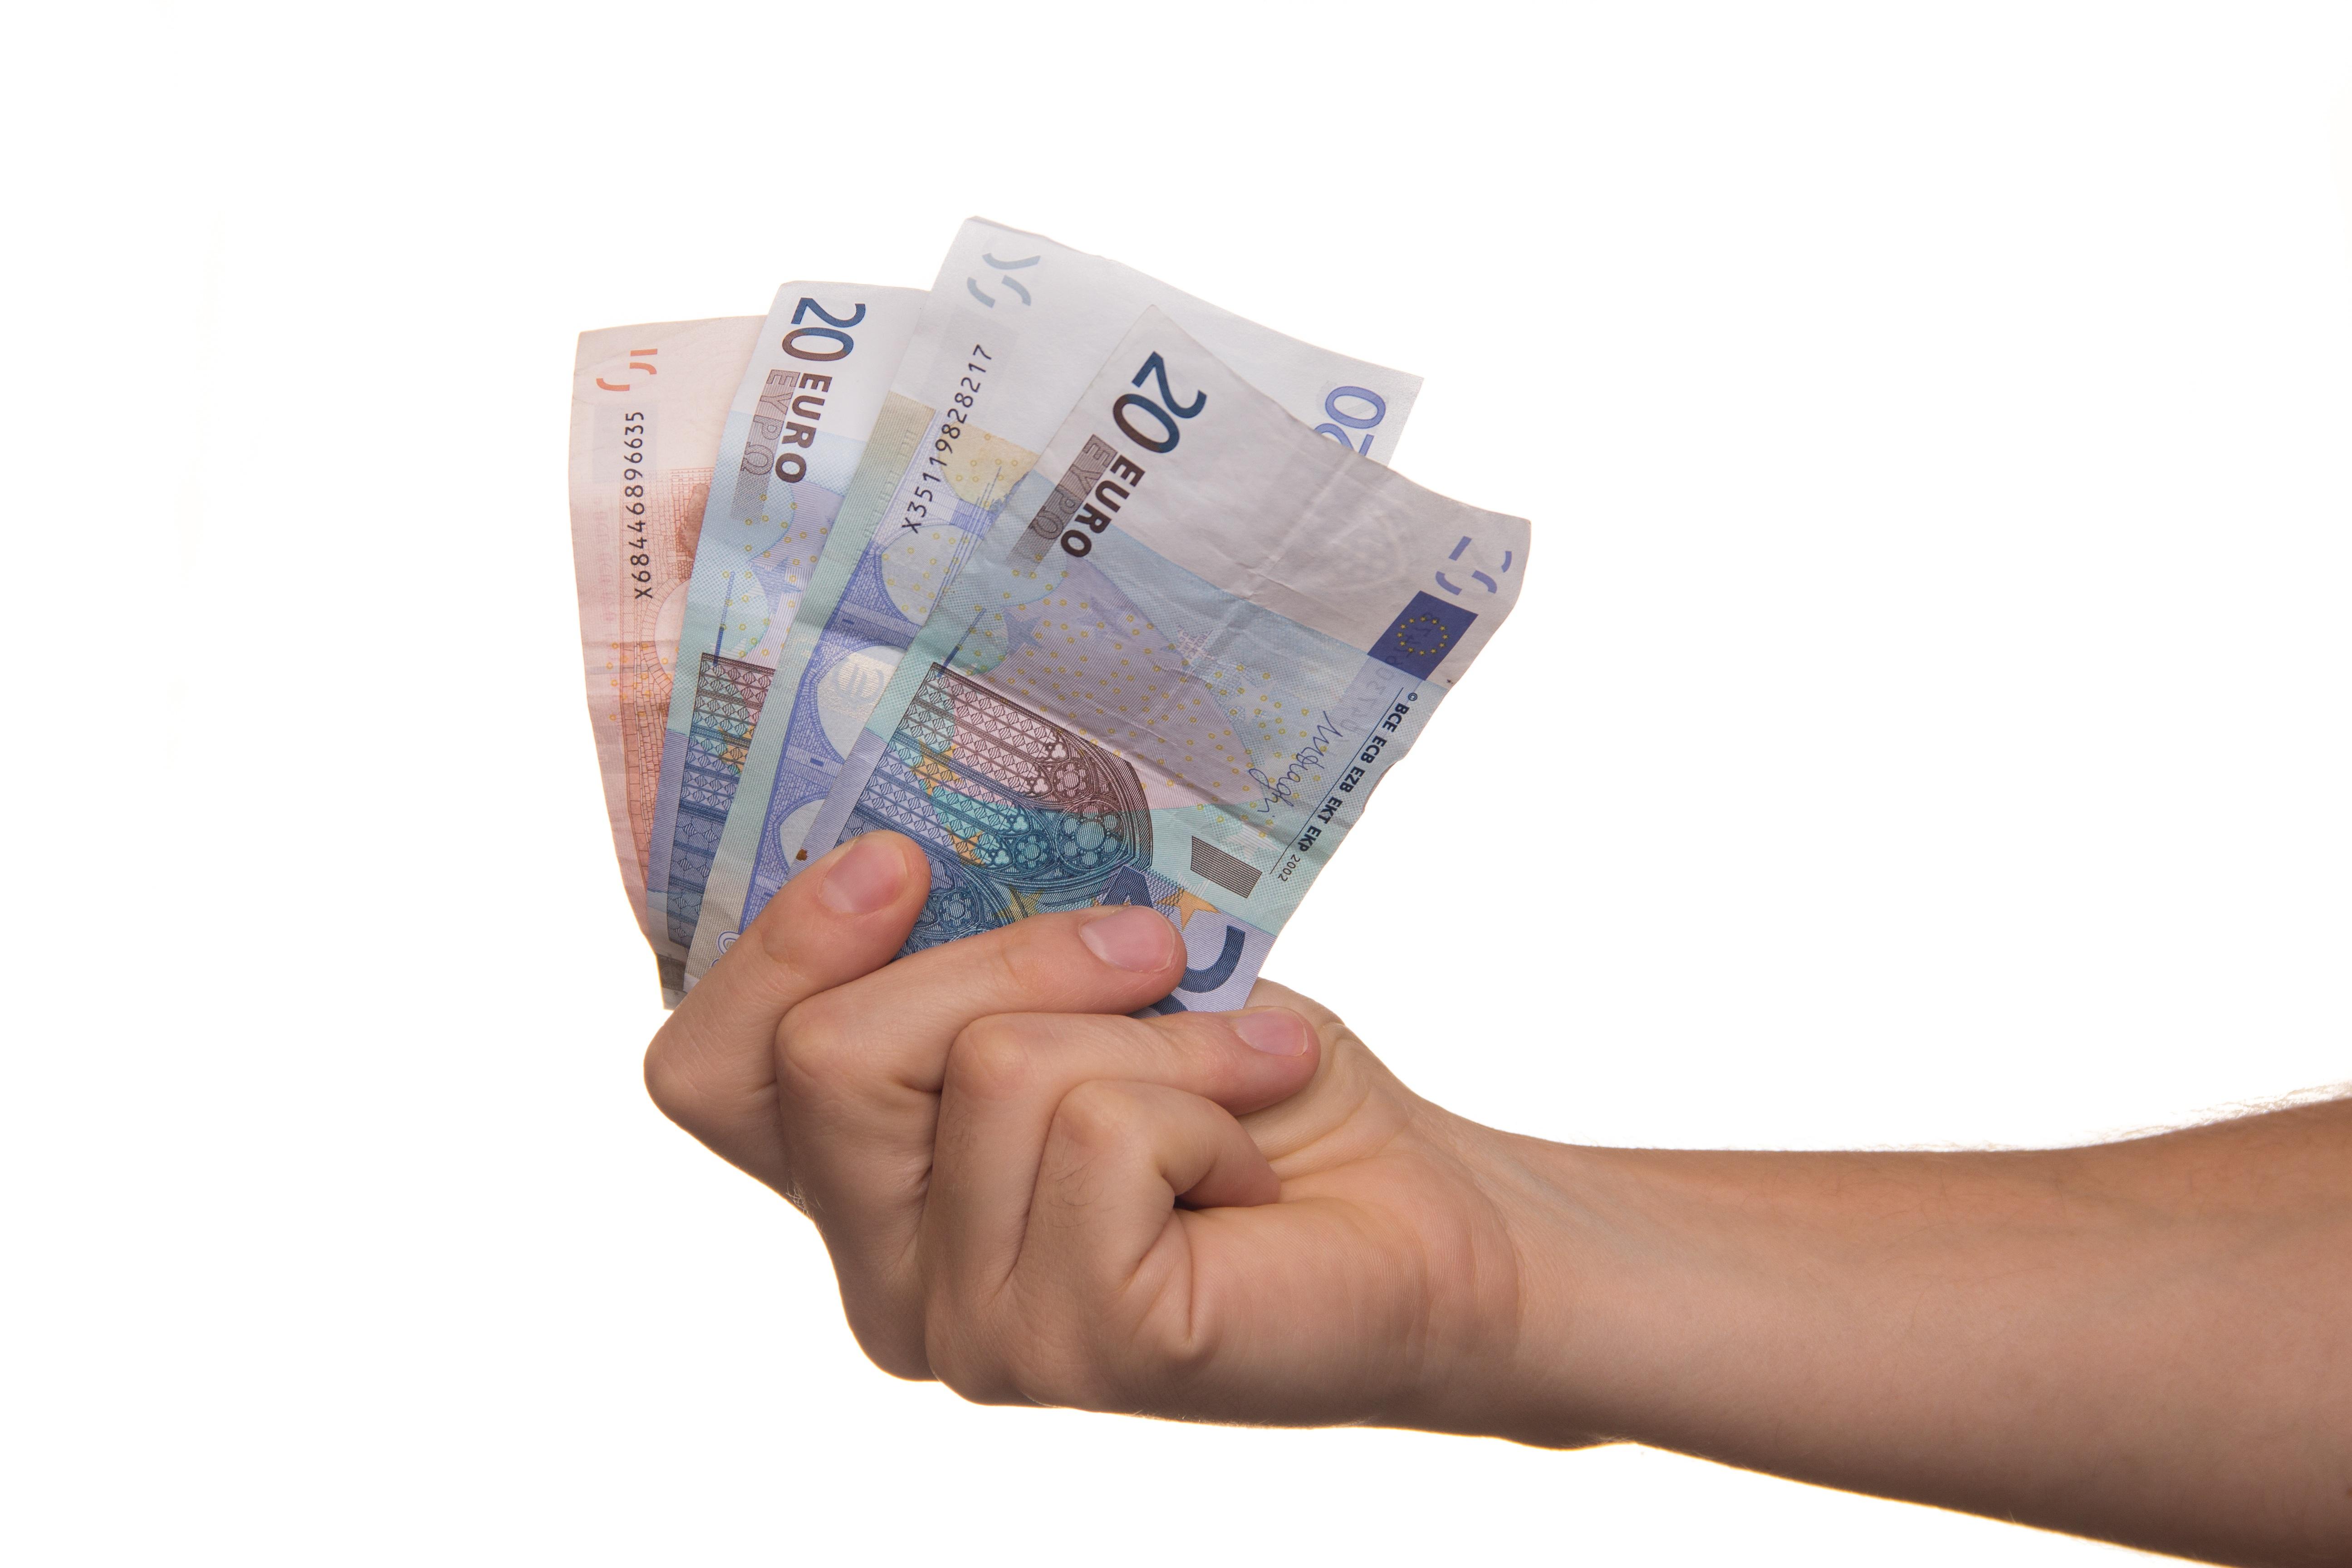 Kostenlose foto : Hand, Geld, Geschäft, Einkaufen, Arm, Hinweis ...